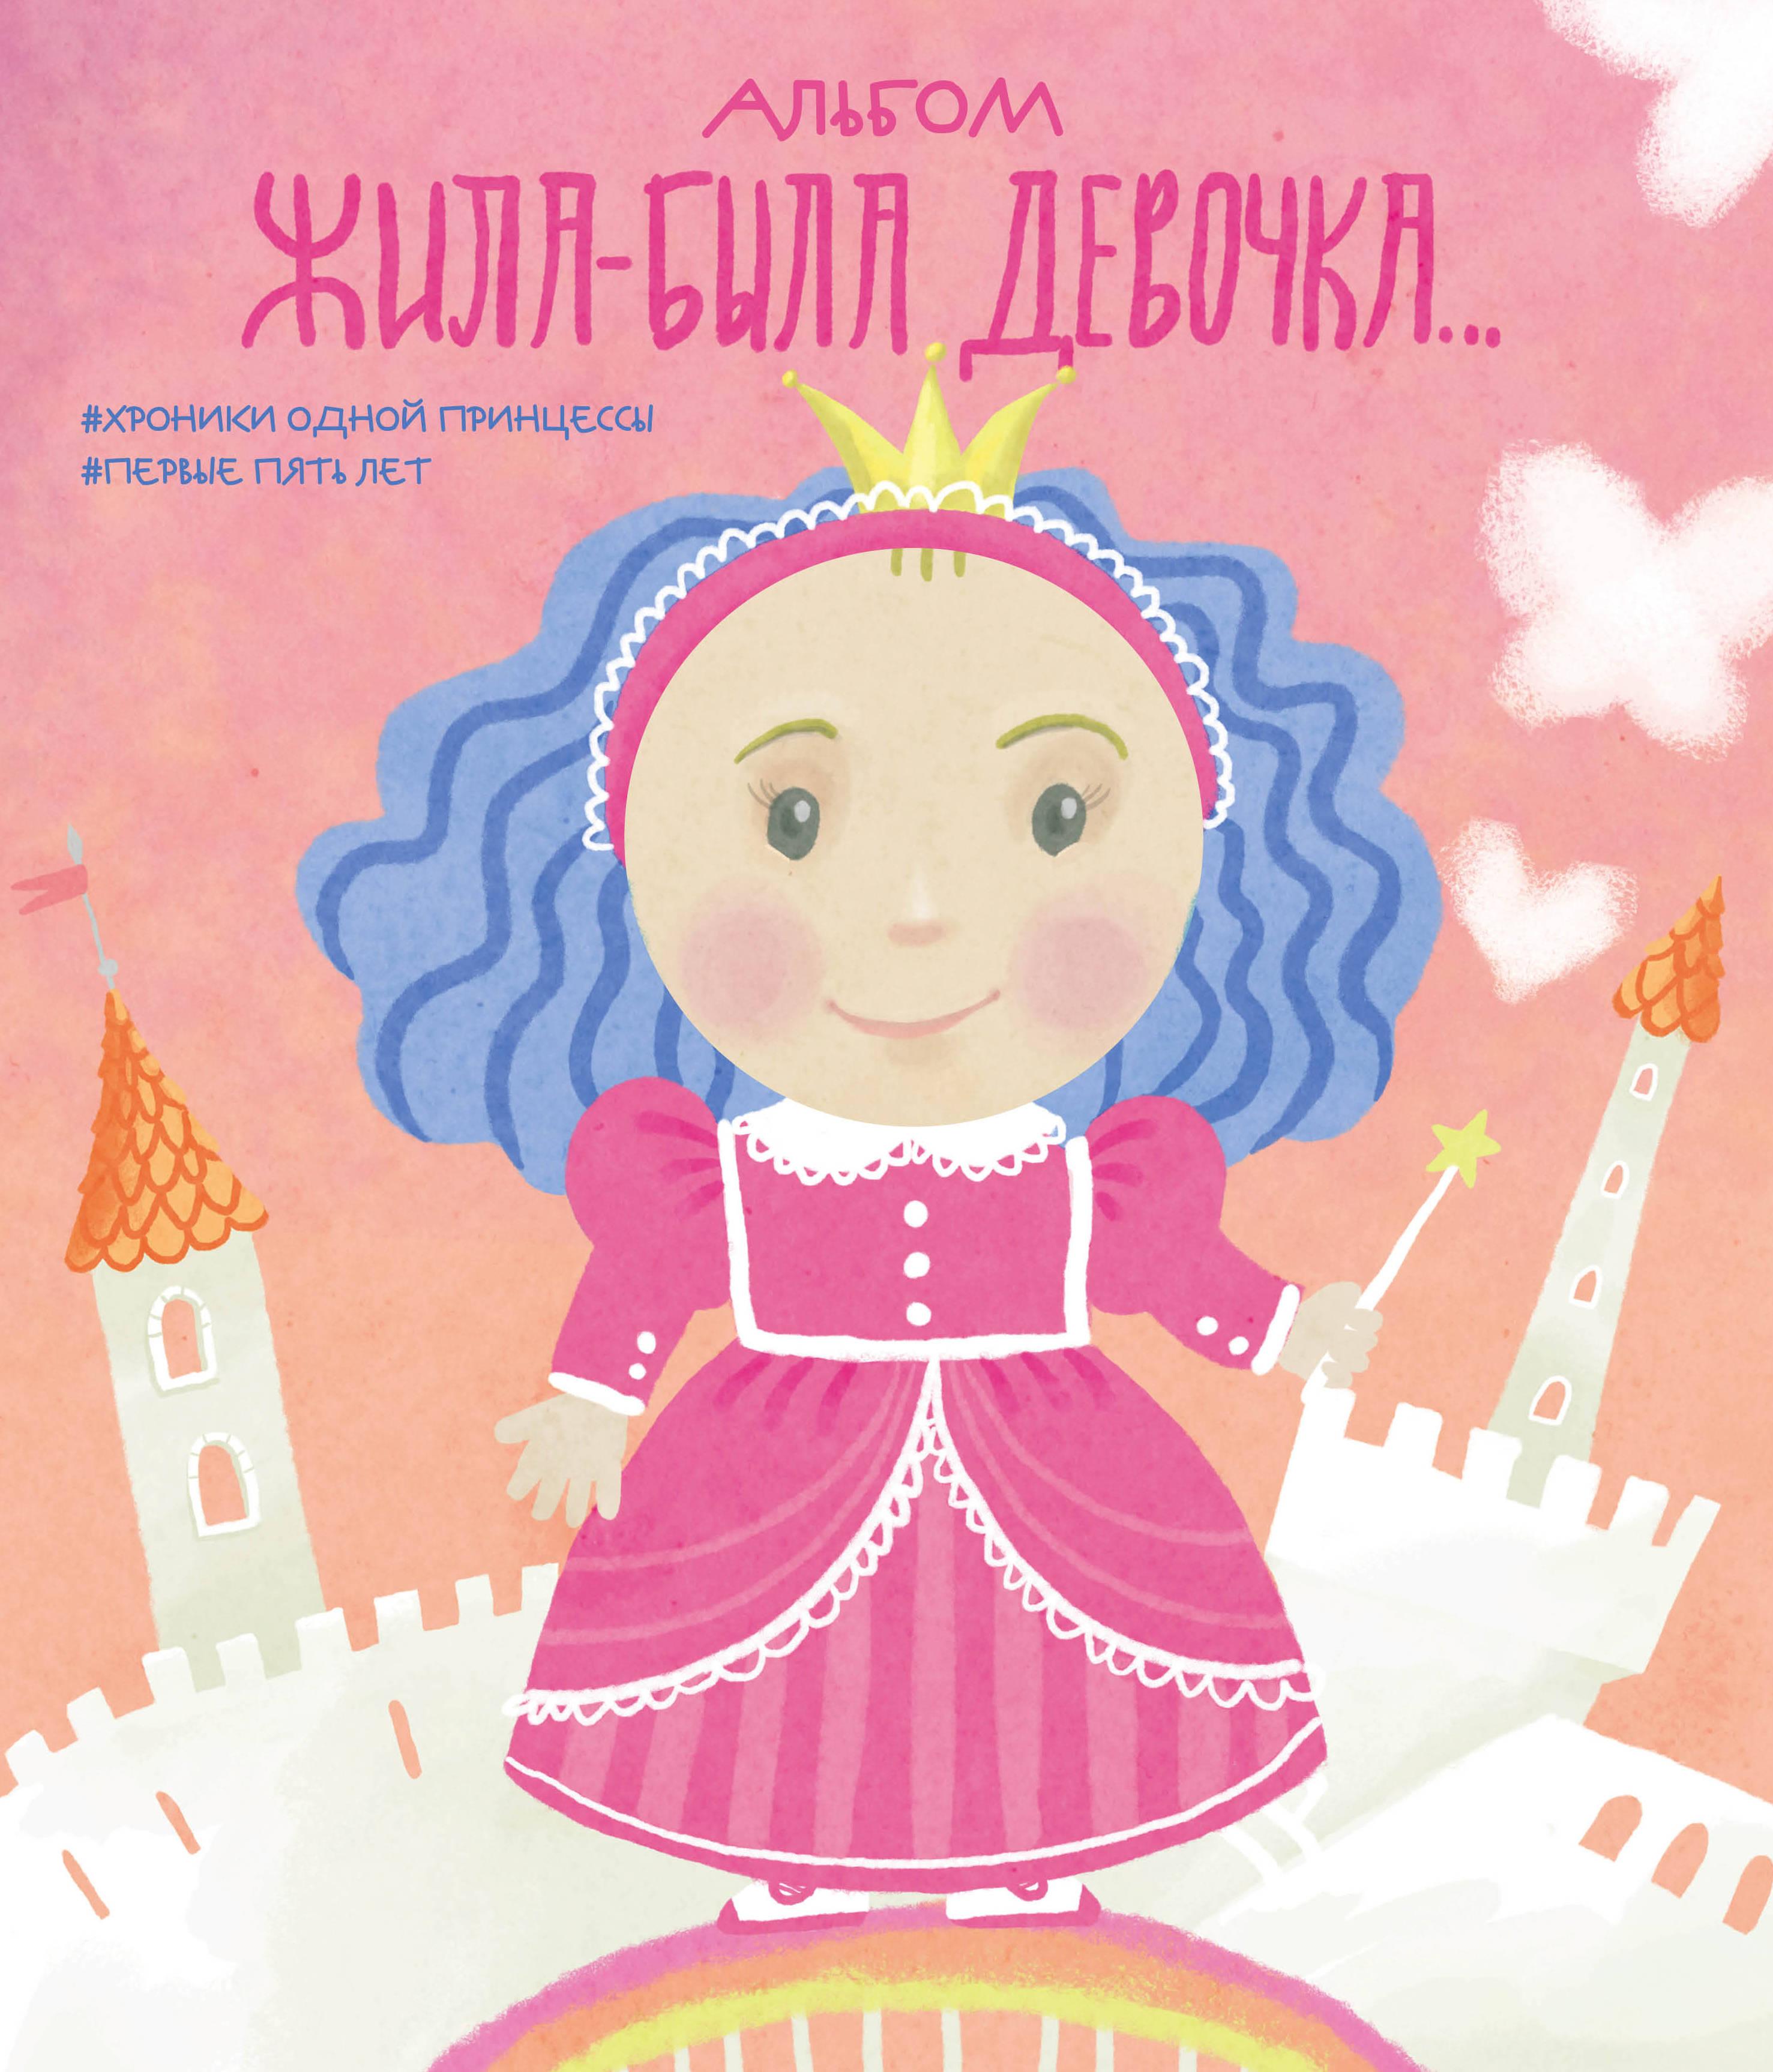 Альбом. Жила-была девочка. Хроники одной принцессы. Первые 5 лет